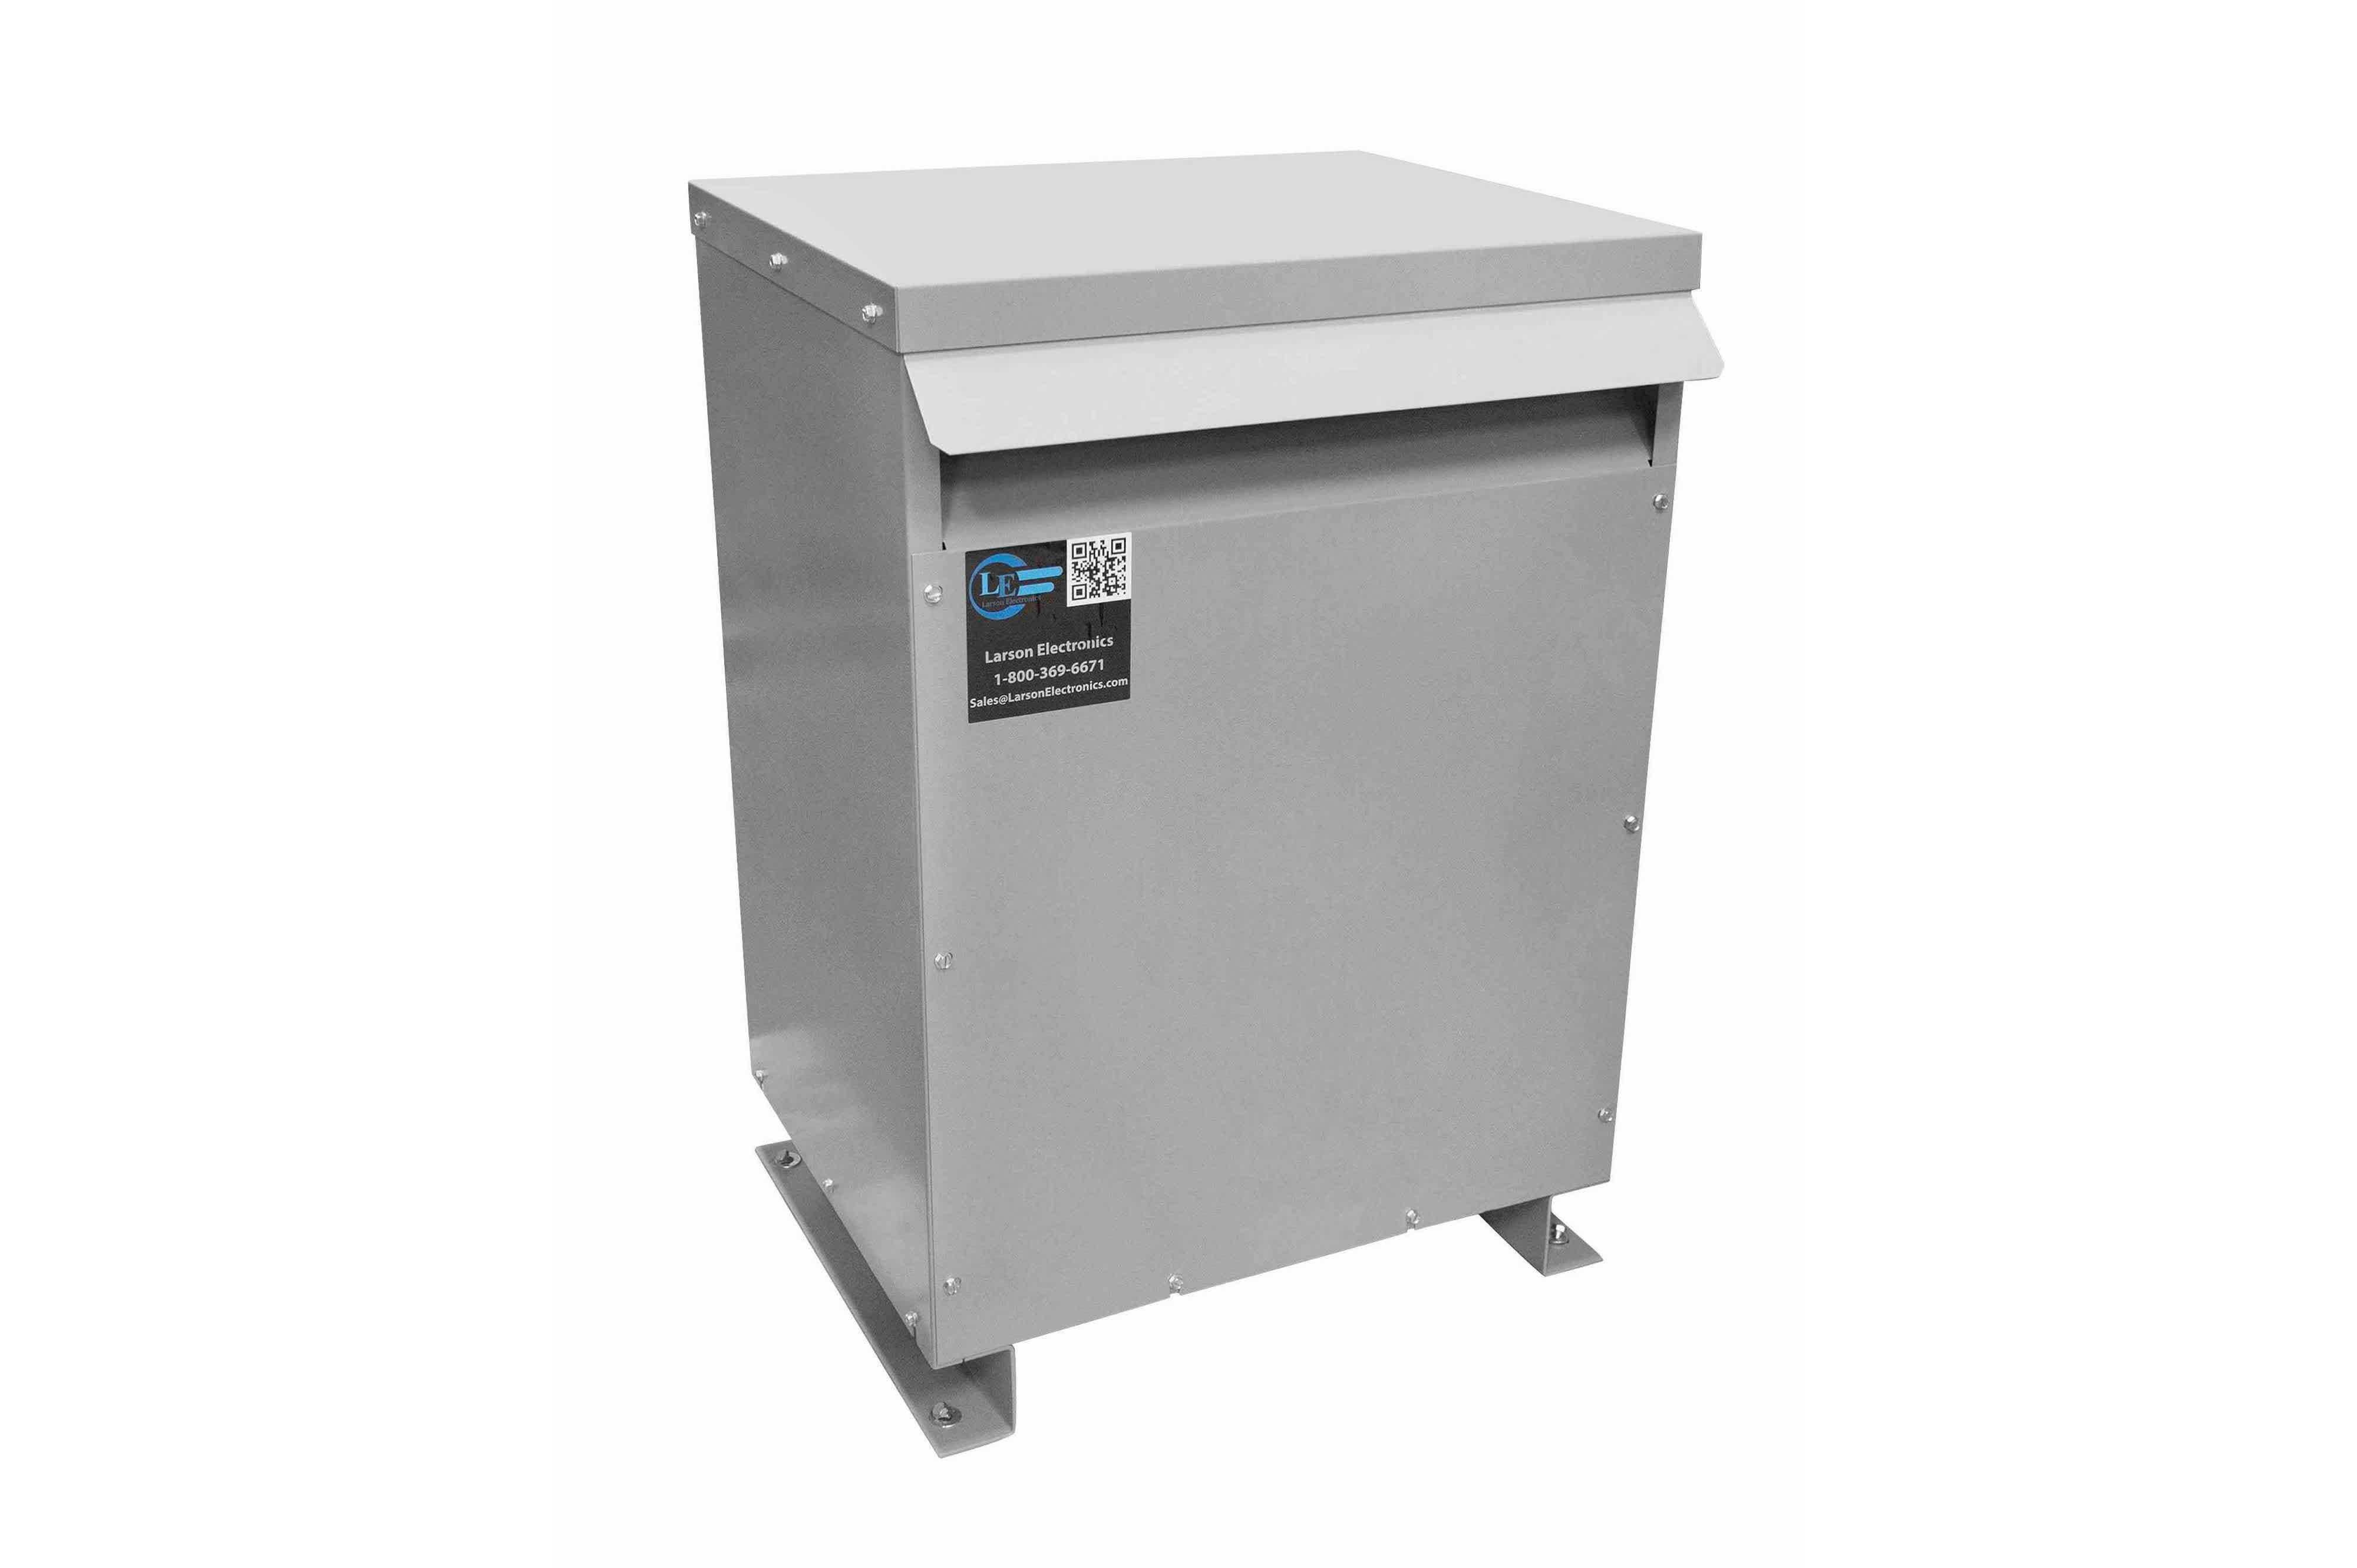 22.5 kVA 3PH Isolation Transformer, 415V Delta Primary, 600V Delta Secondary, N3R, Ventilated, 60 Hz